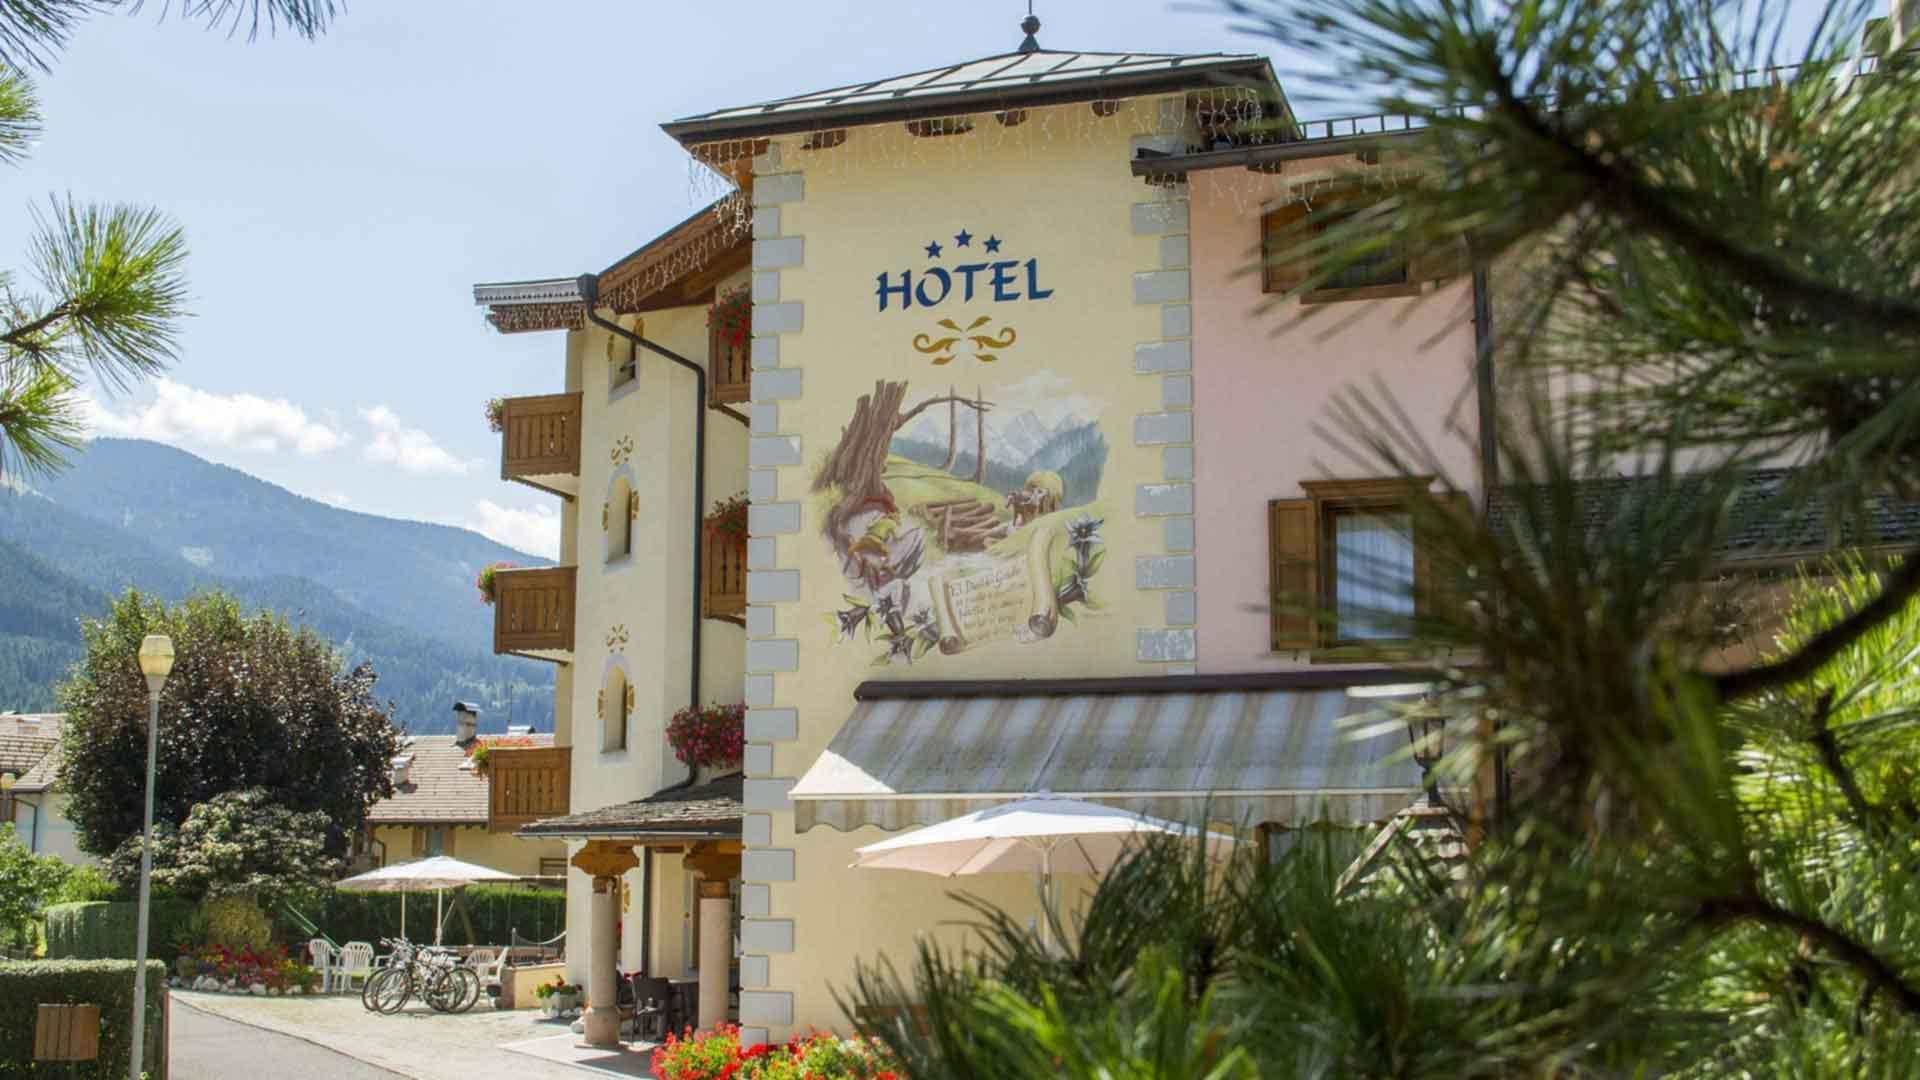 Dipinto-Diaol-dal-Gaso-Hotel-Genzianella-Ziano-di-Fiemme-Trentino